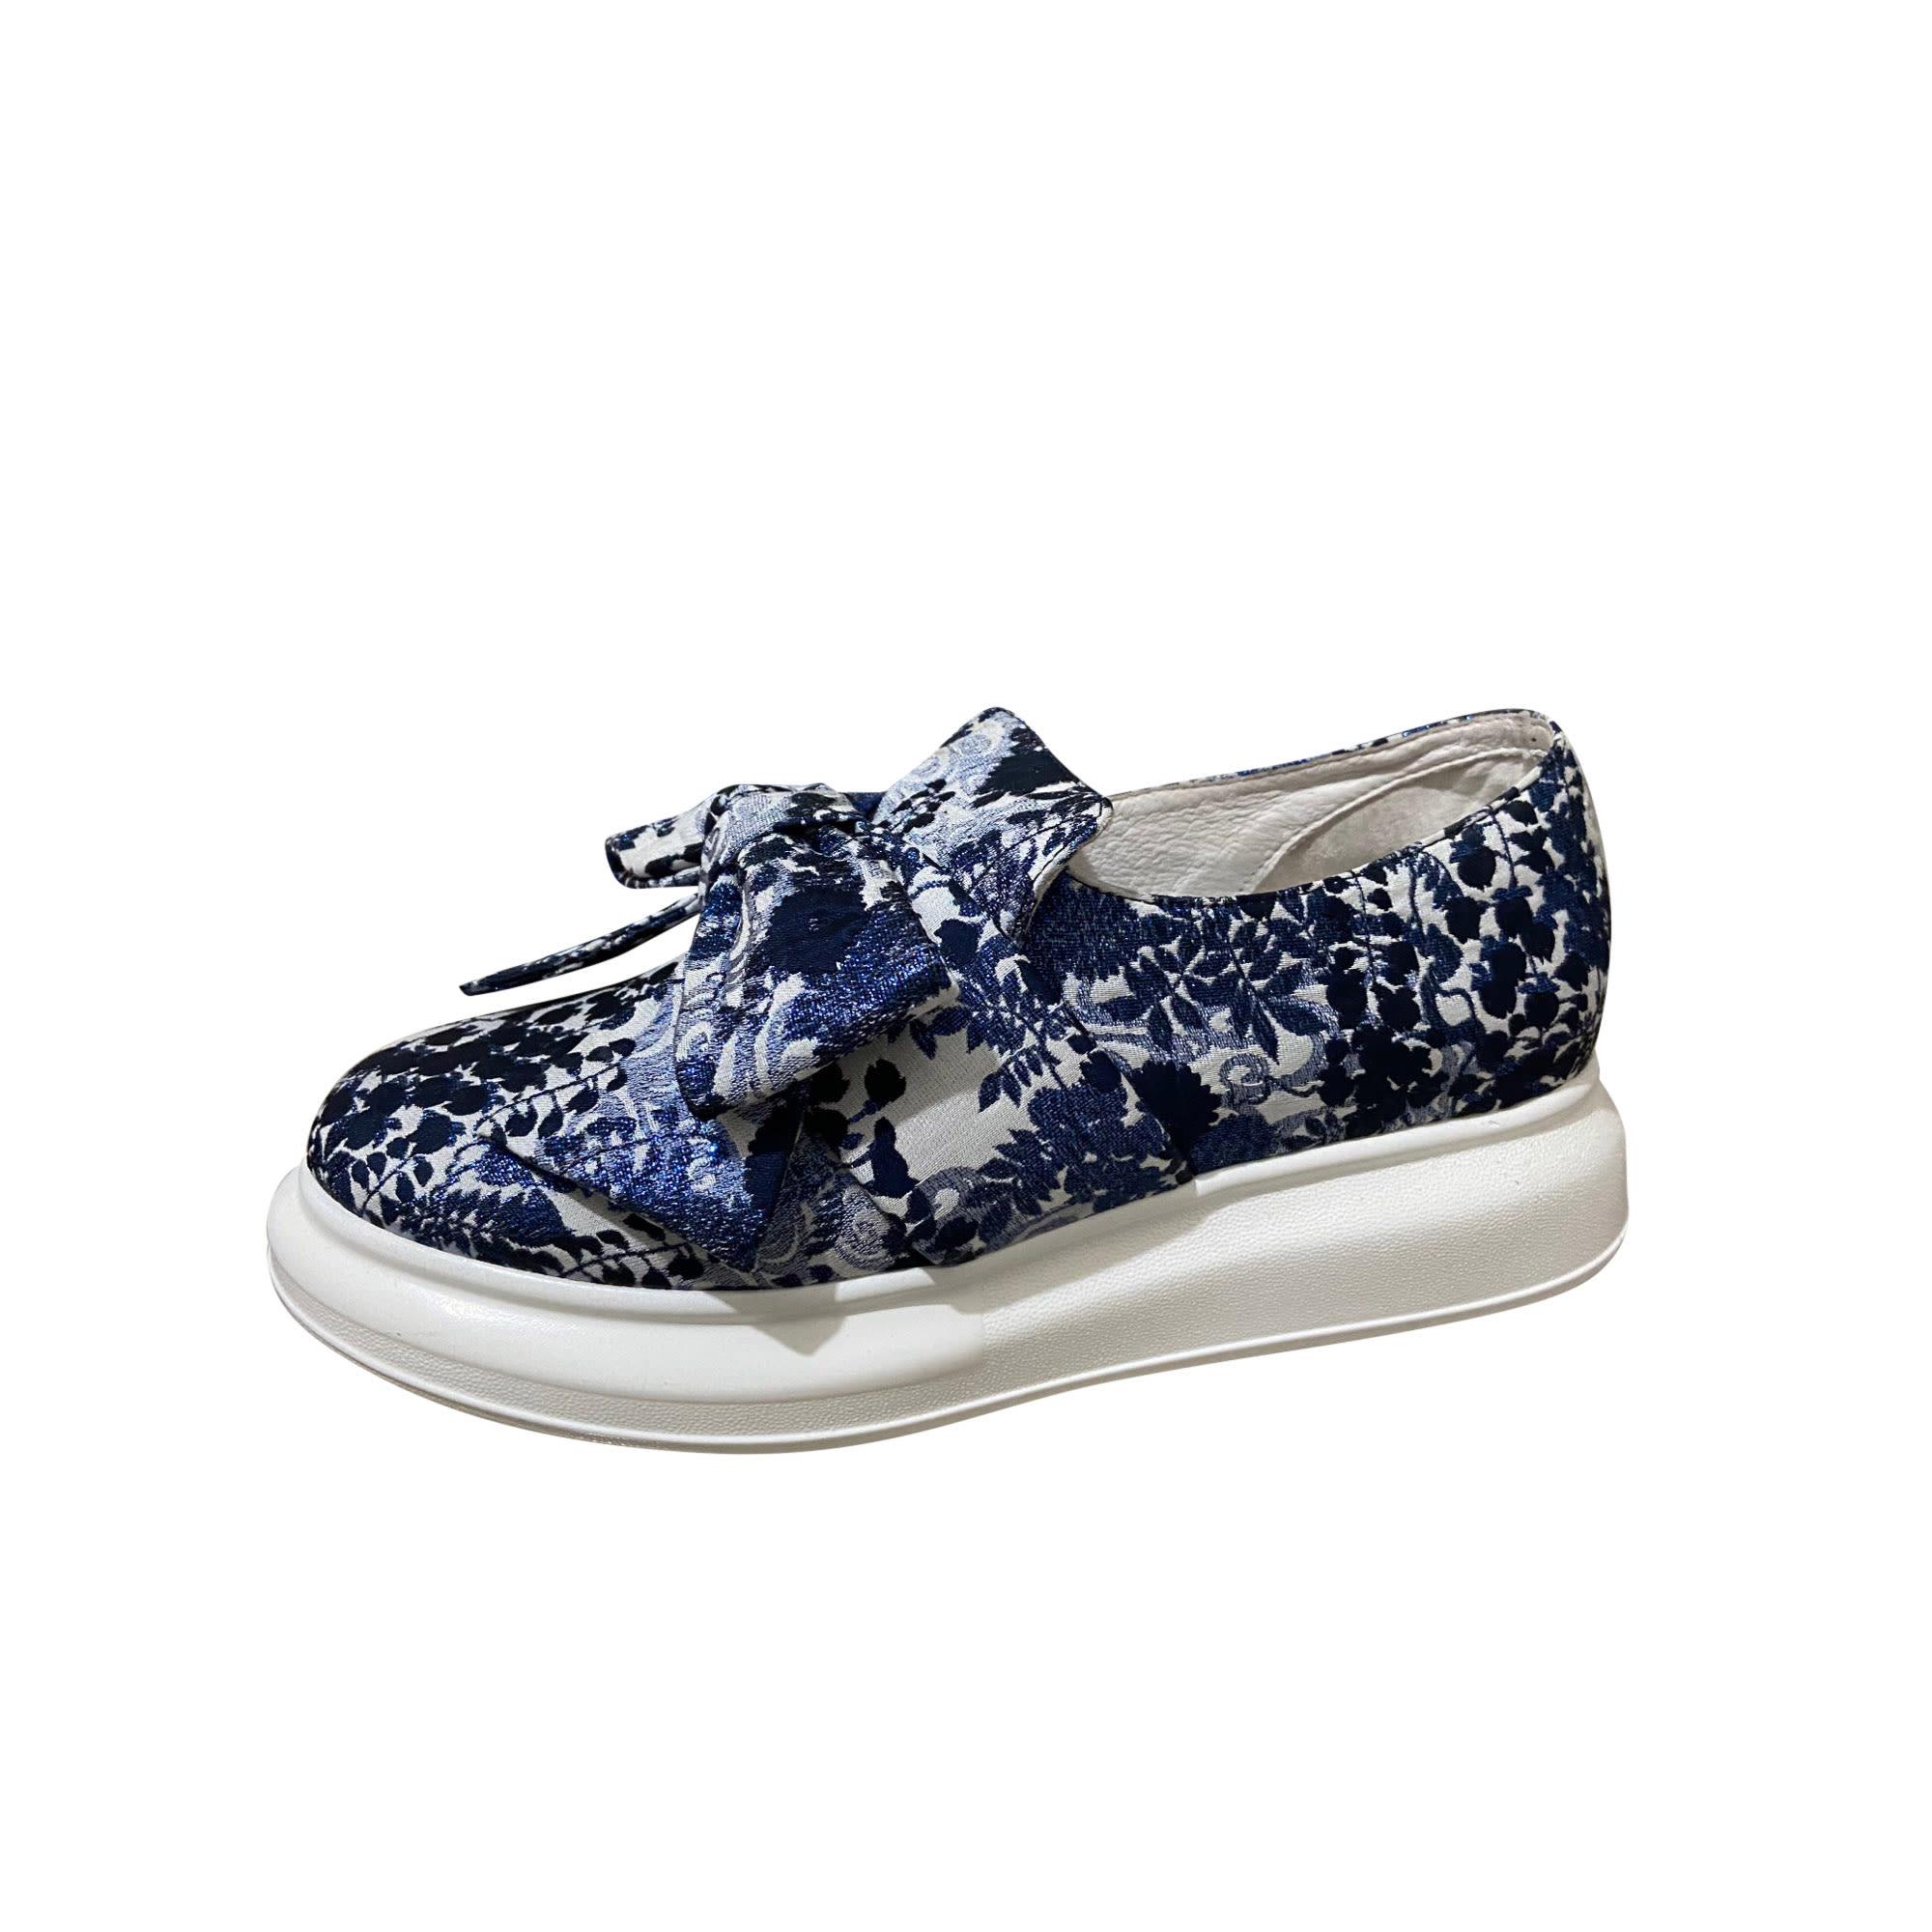 Chaussures de sport JEFFREY CAMPBELL Bleu, bleu marine, bleu turquoise